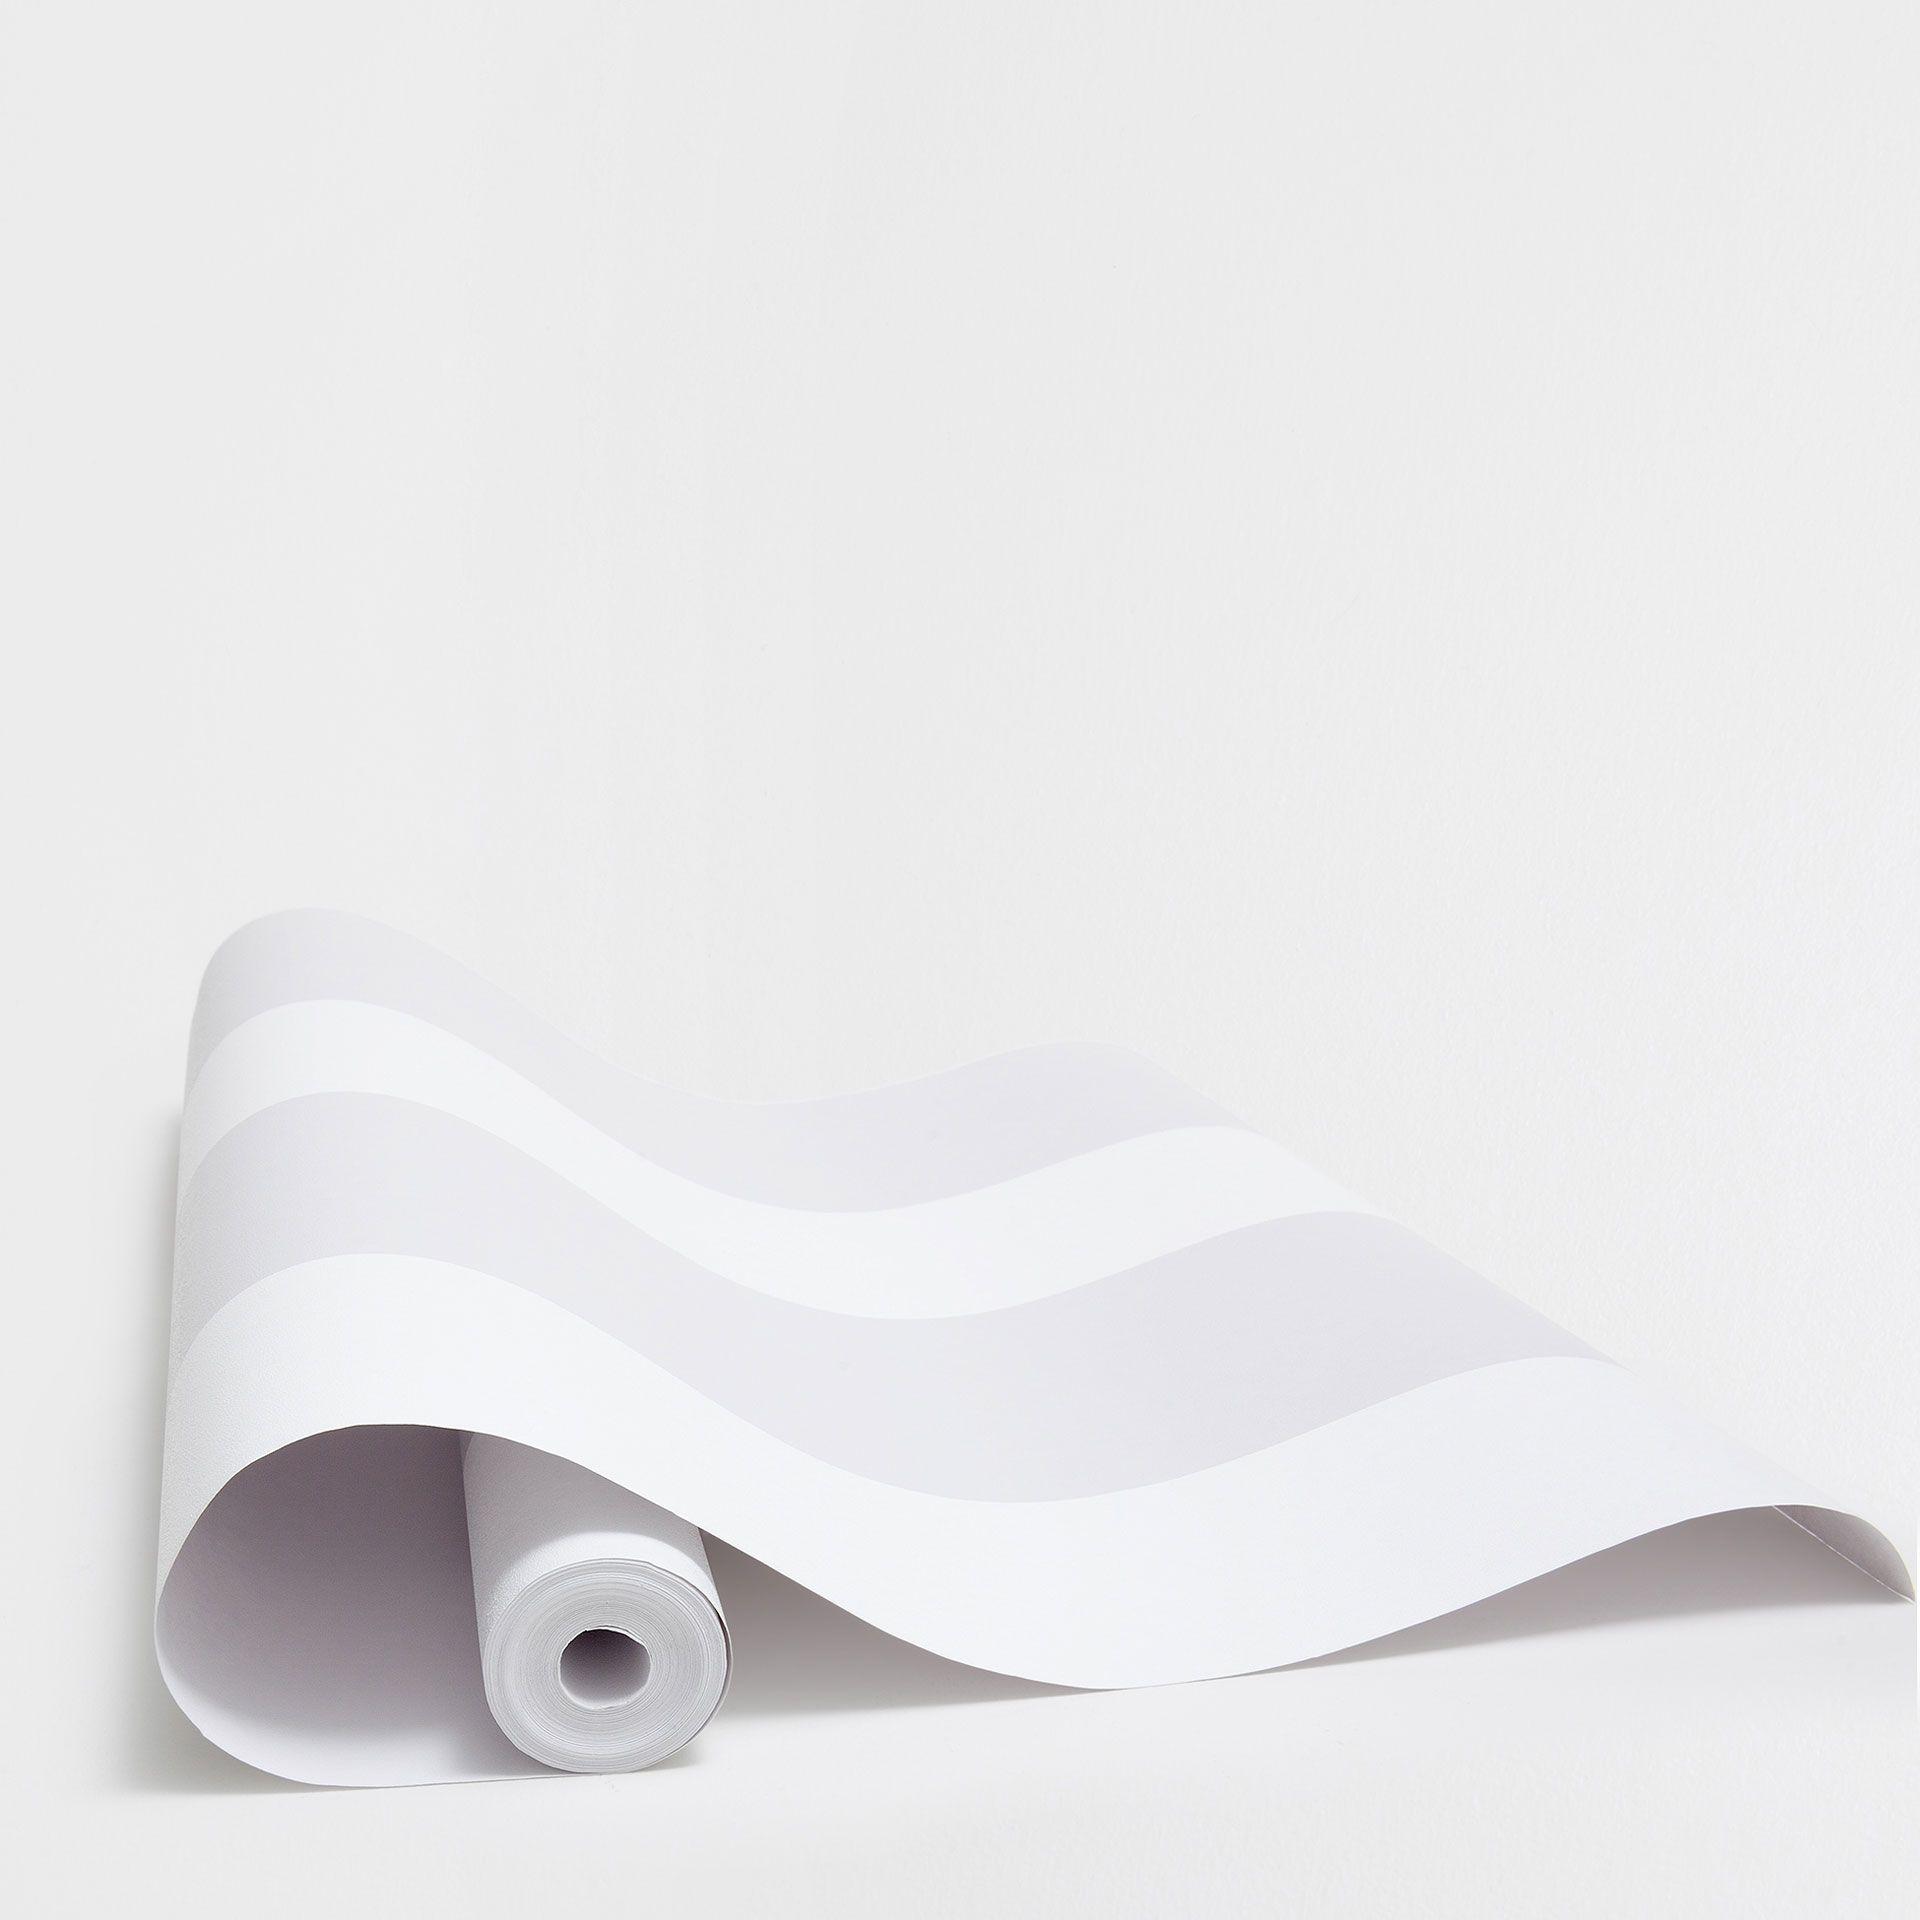 Papier Peint A Rayure Gris Et Blanc image 3 du produit papier peint rayures gris et blanc